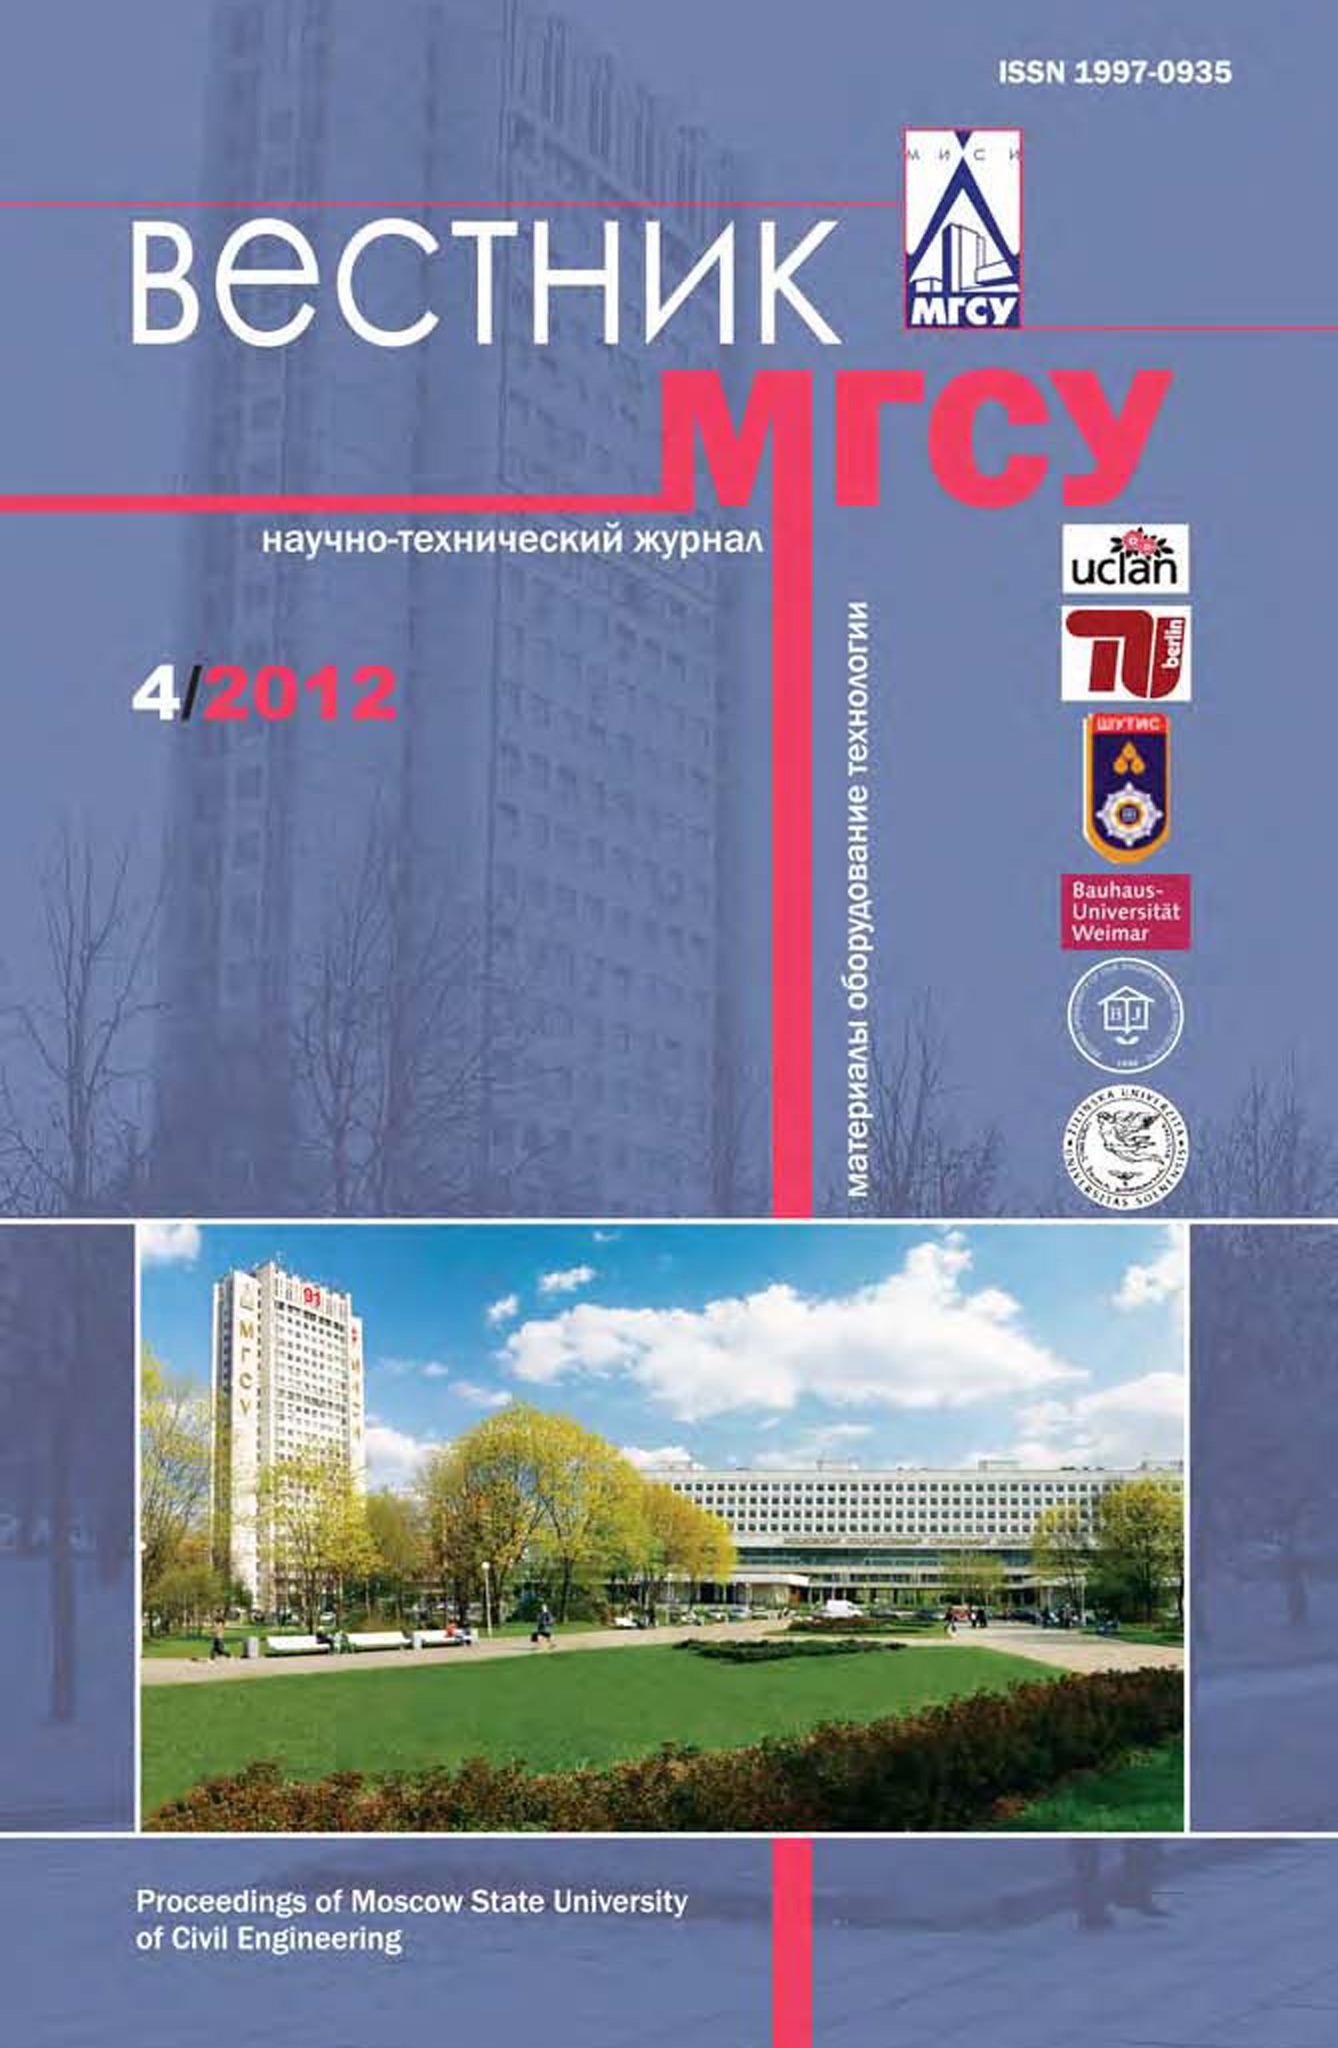 Отсутствует Вестник МГСУ №4 2012 отсутствует экономика и управление проблемы решения 05 2012